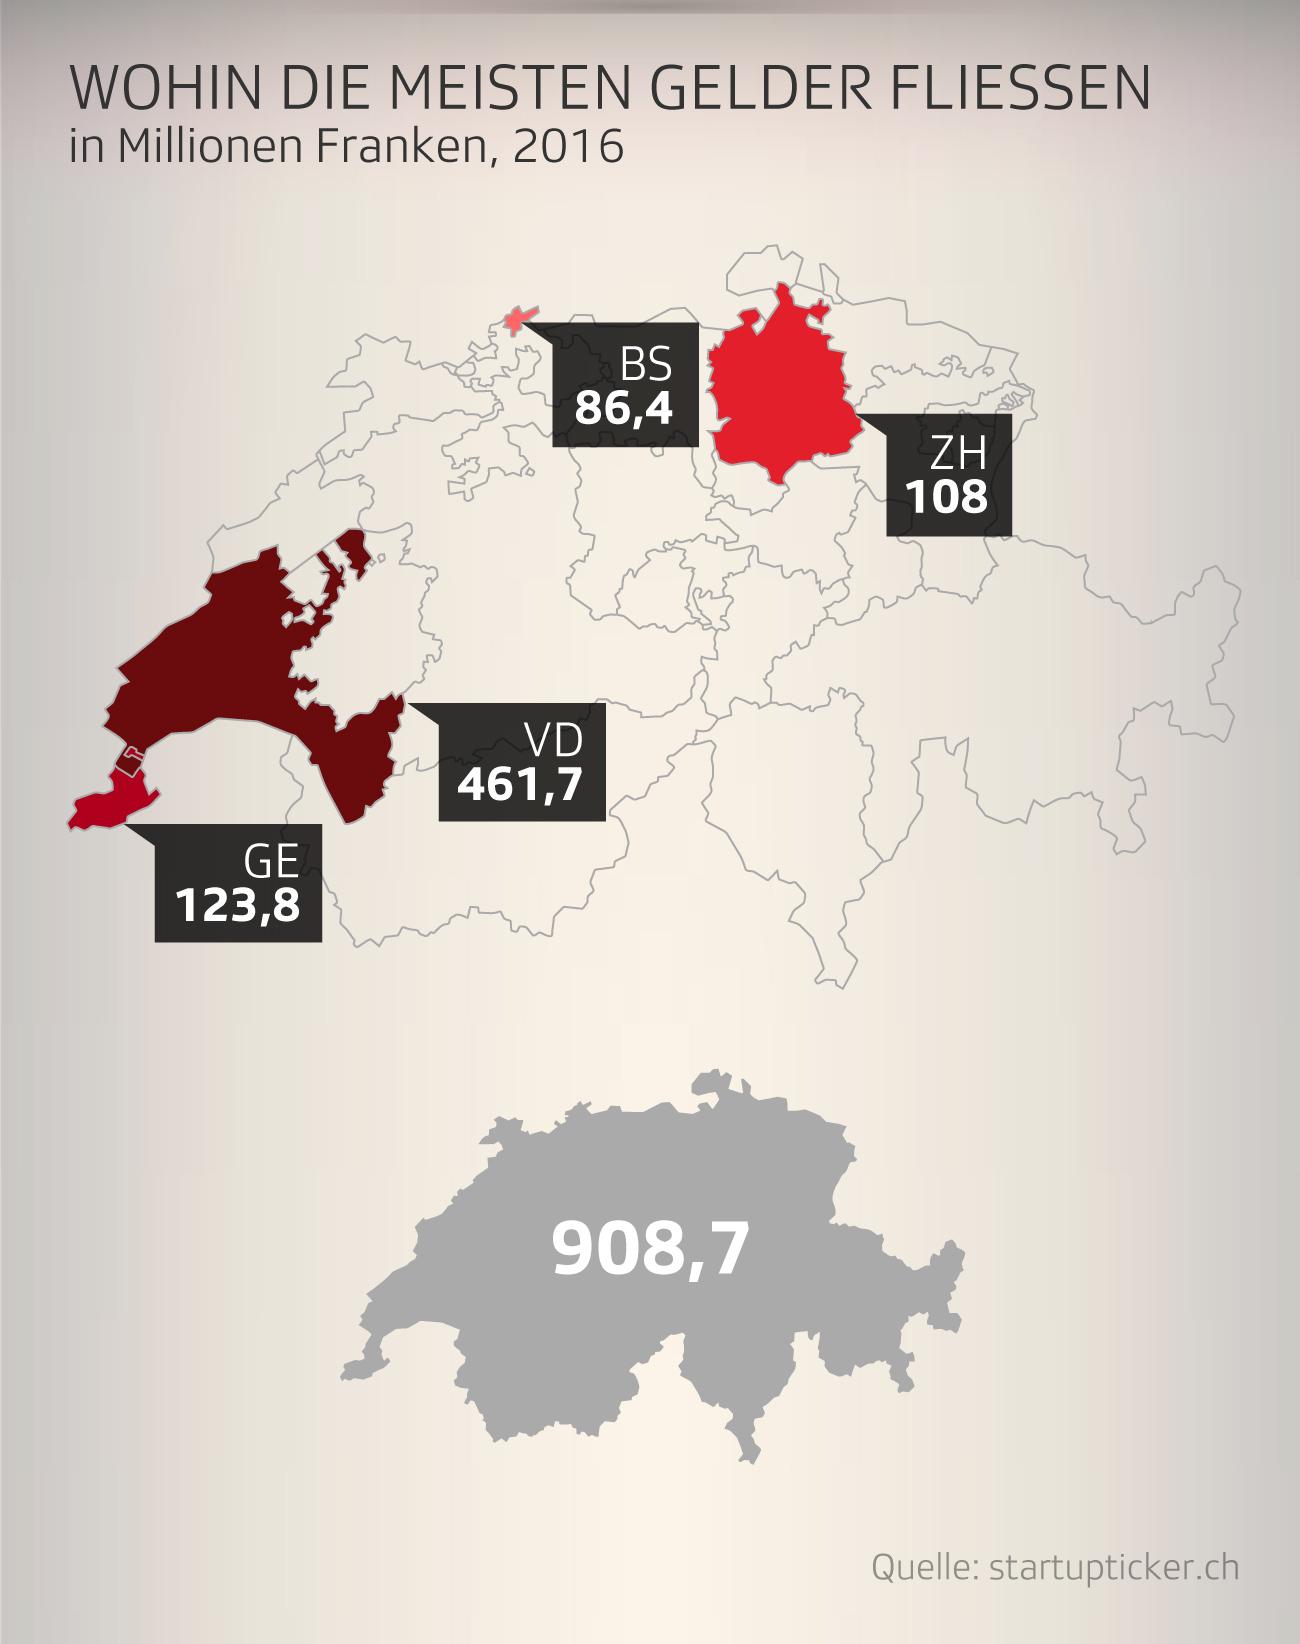 In welche Kantone fliesst das meiste Geld